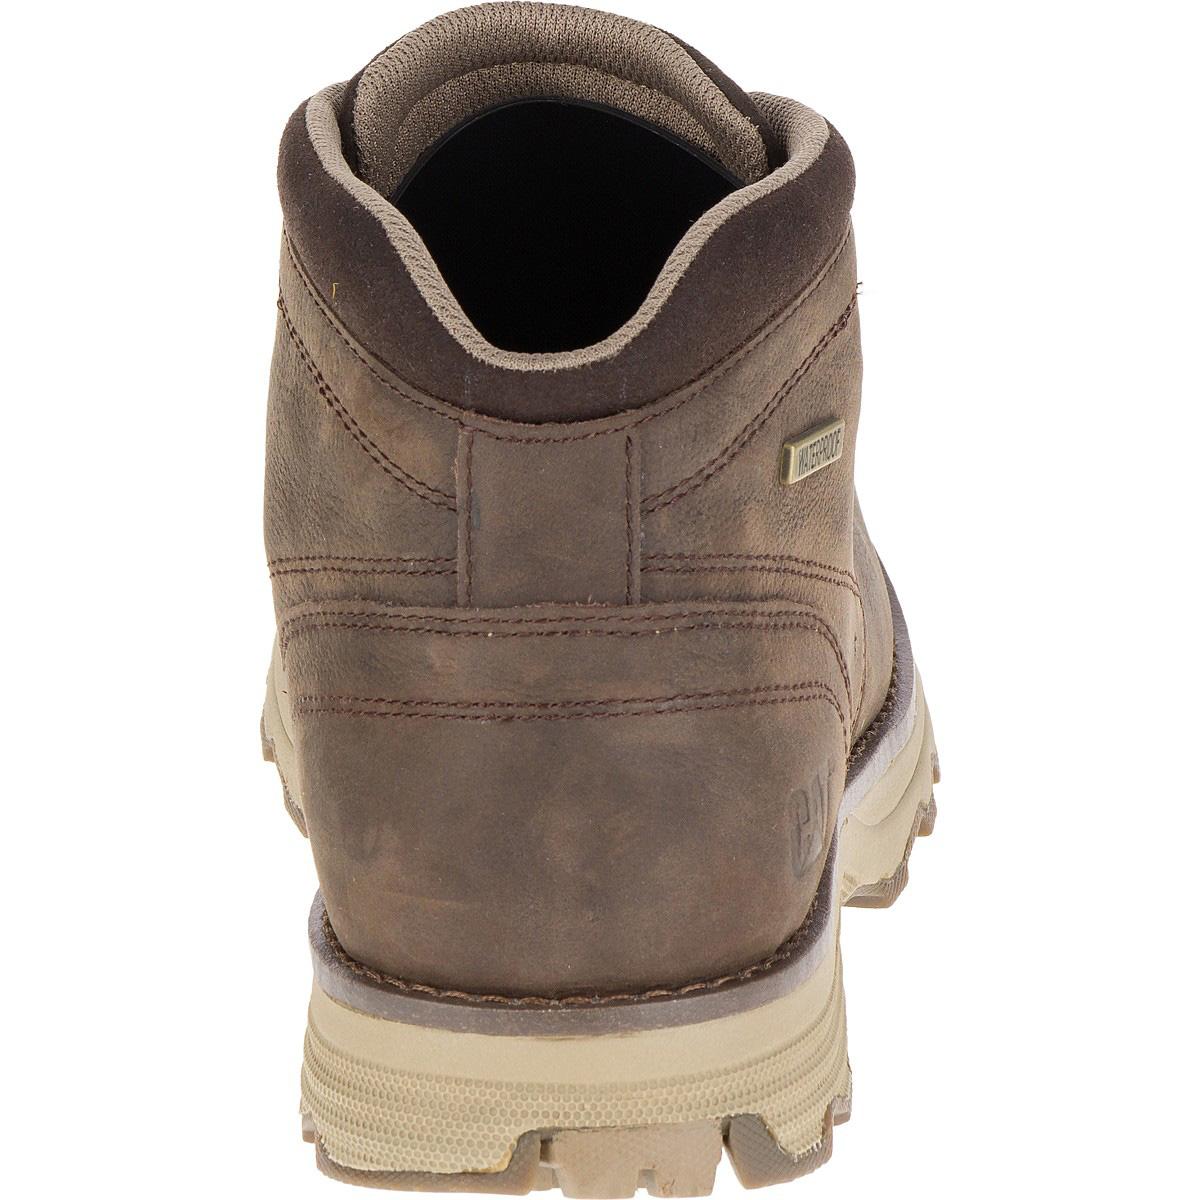 5453091f CAT Footwear Men's Caterpillar Elude Waterproof Boot Shoe | eBay